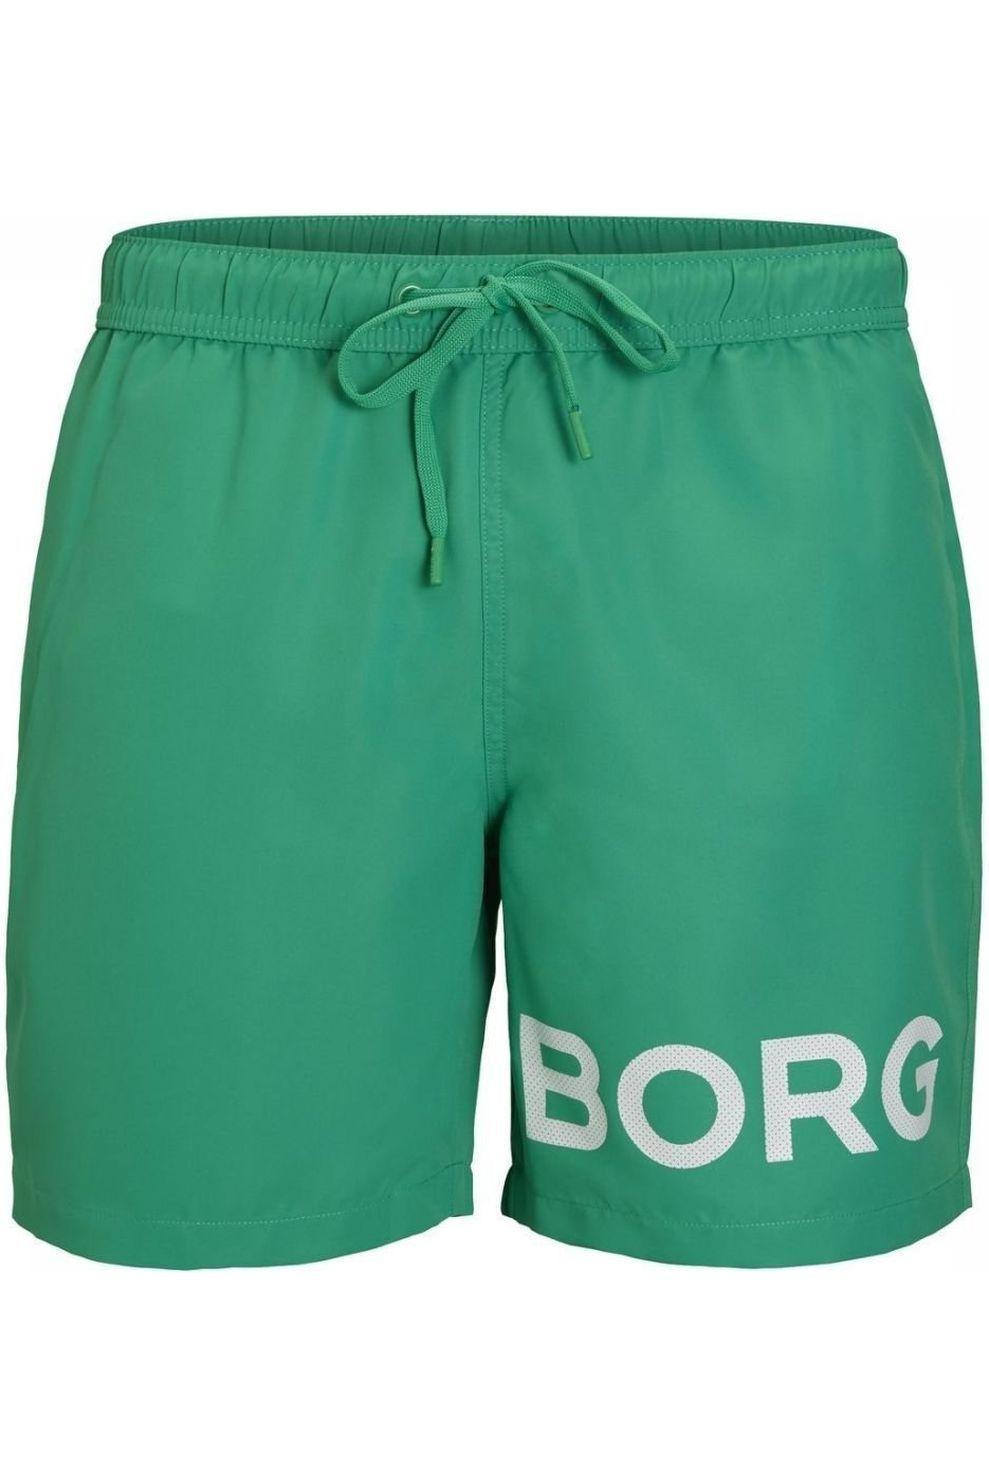 Bjorn Borg Zwemshort Sheldon voor heren - Groen - Maten: XS, S